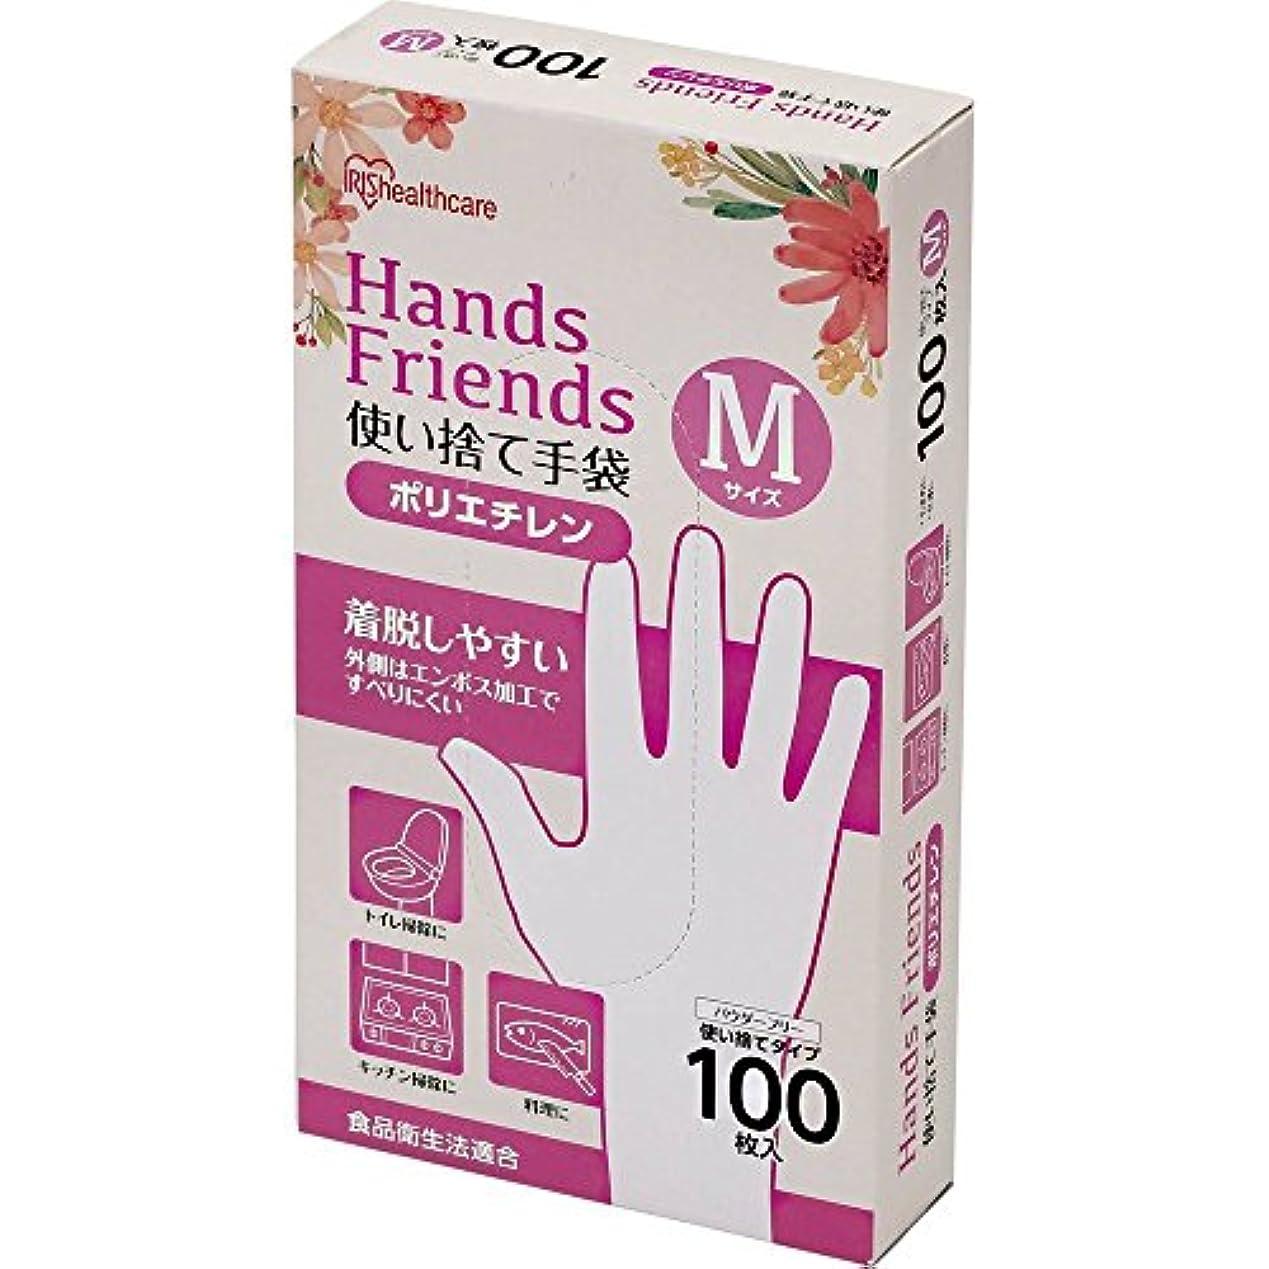 心理的にスポンサー家禽使い捨て手袋 ポリエチレン手袋 Mサイズ 粉なし パウダーフリー クリア 100枚入